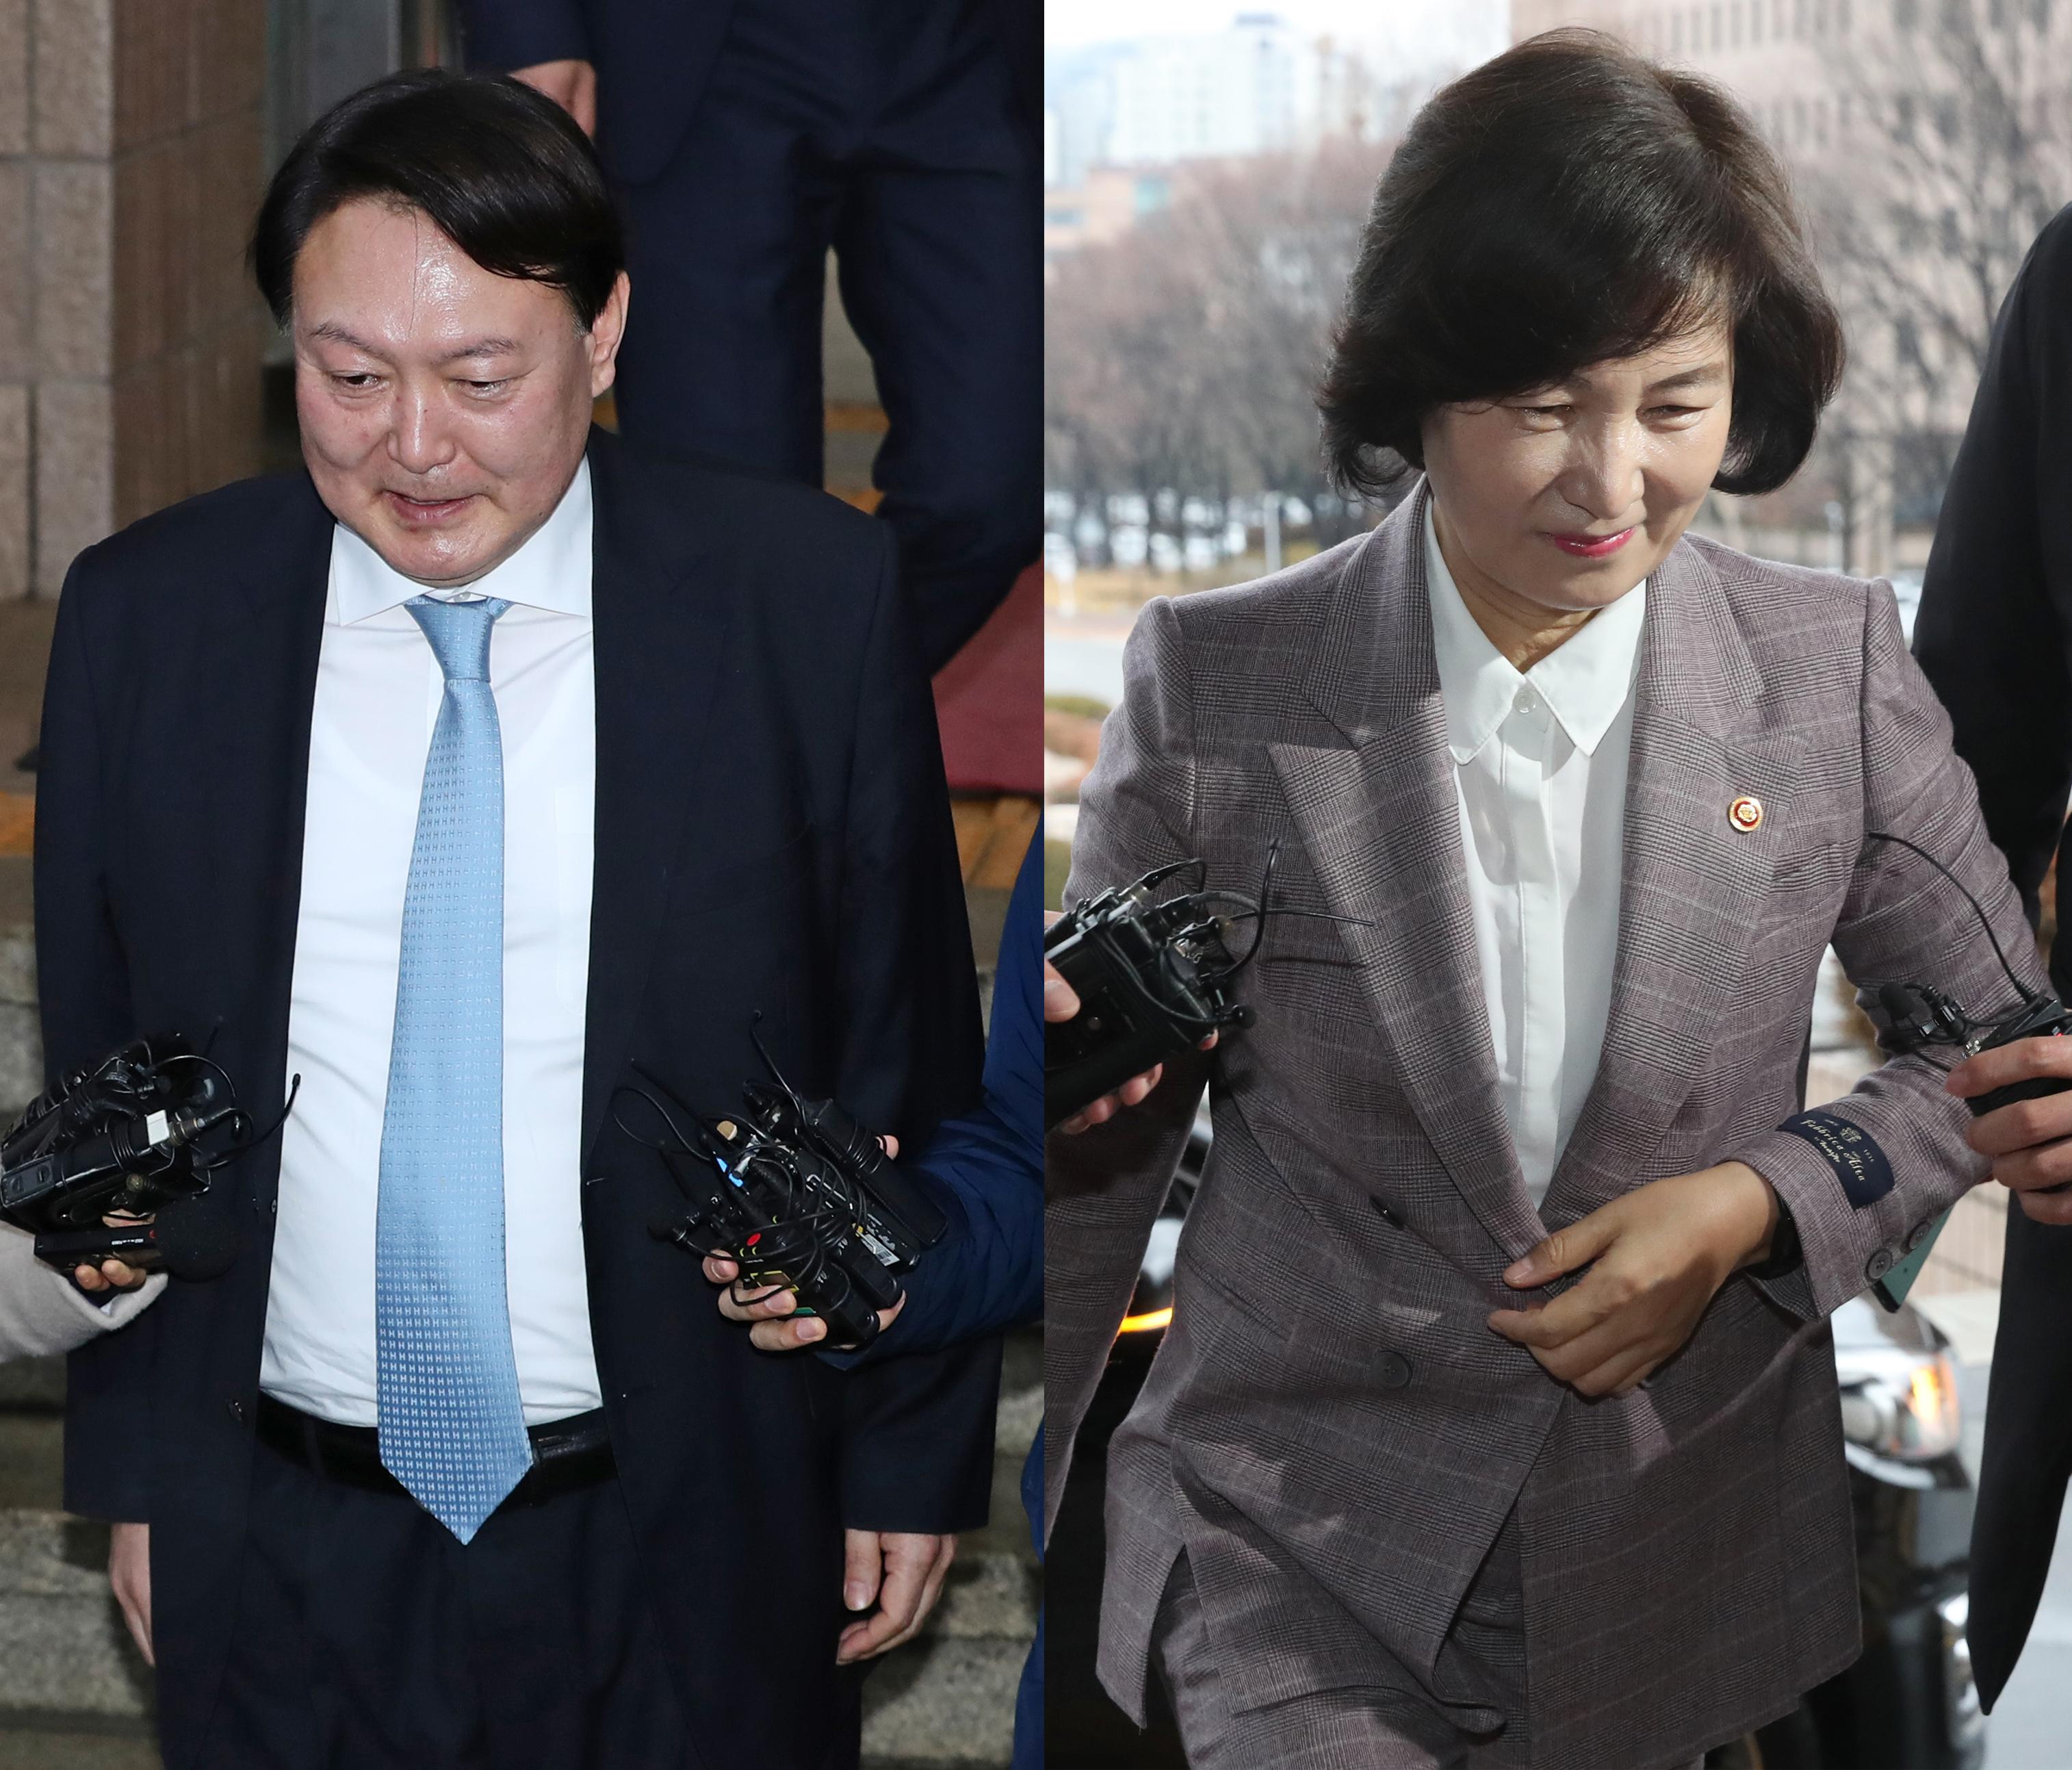 윤석열 검찰총장과 추미애 법무부 장관